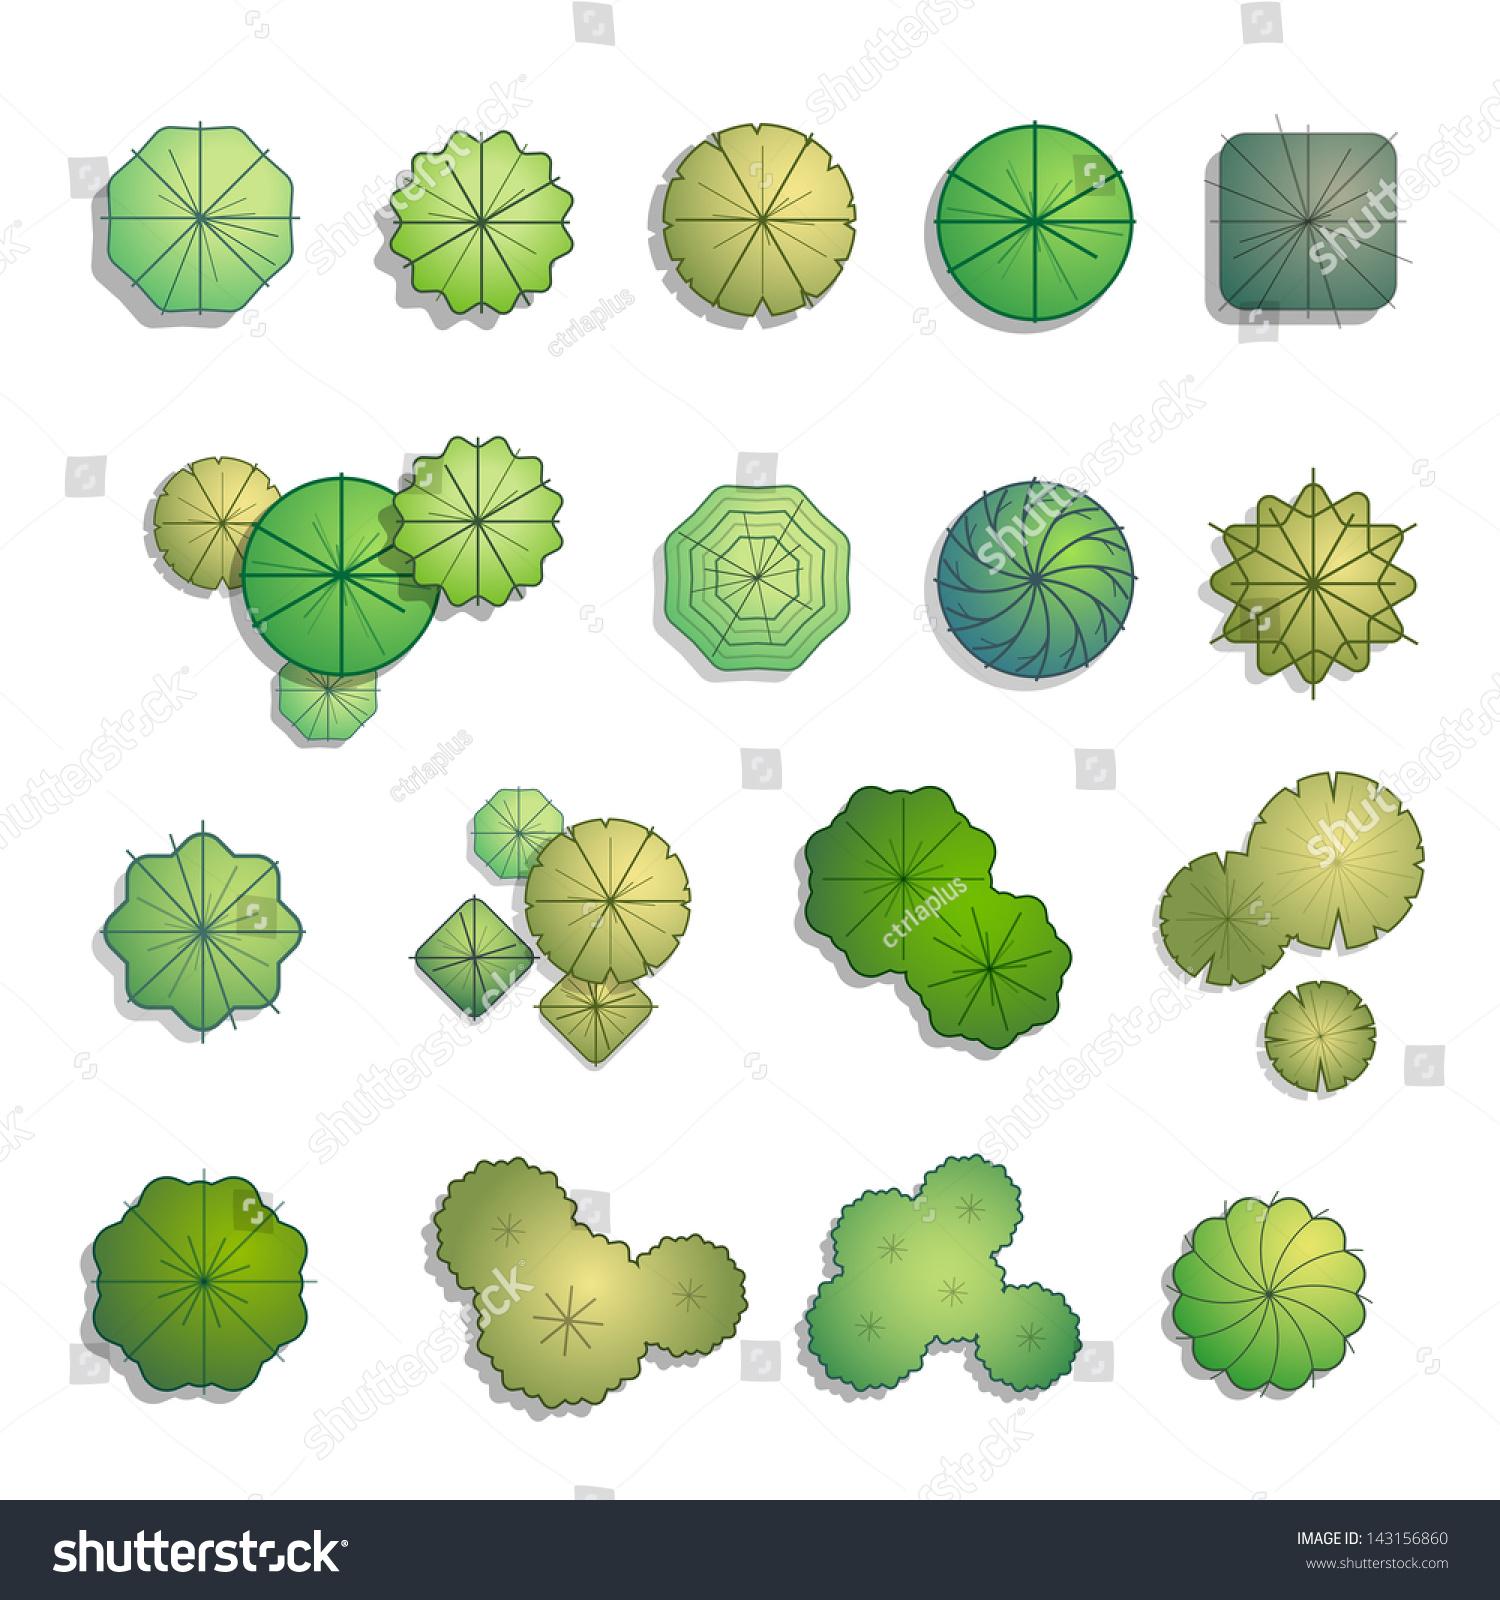 HD wallpapers vector landscape symbols